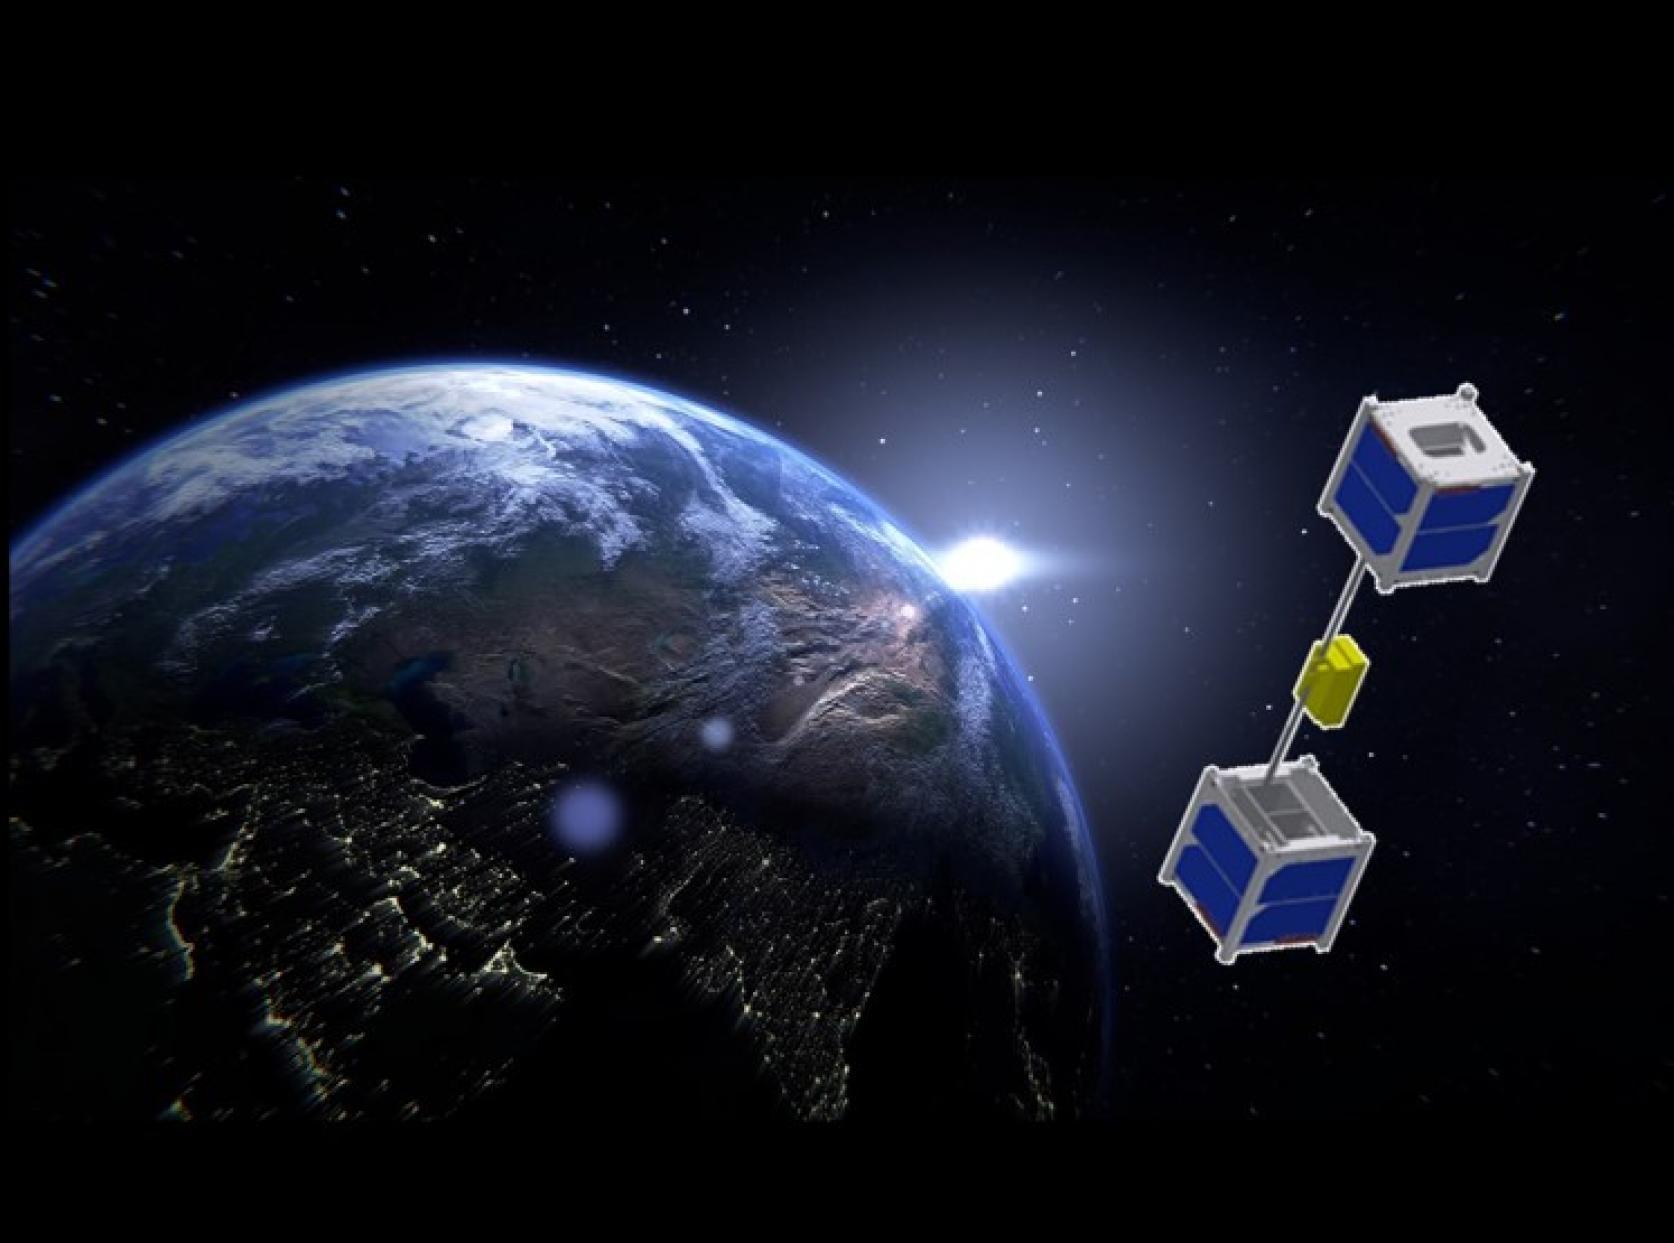 精密機械工学科の青木義男教授が、静岡大学、(株)大林組と共同開発している超小型エレベーター衛星STARS-Meプロジェクトが、静岡大学よりプレスリリースされました。